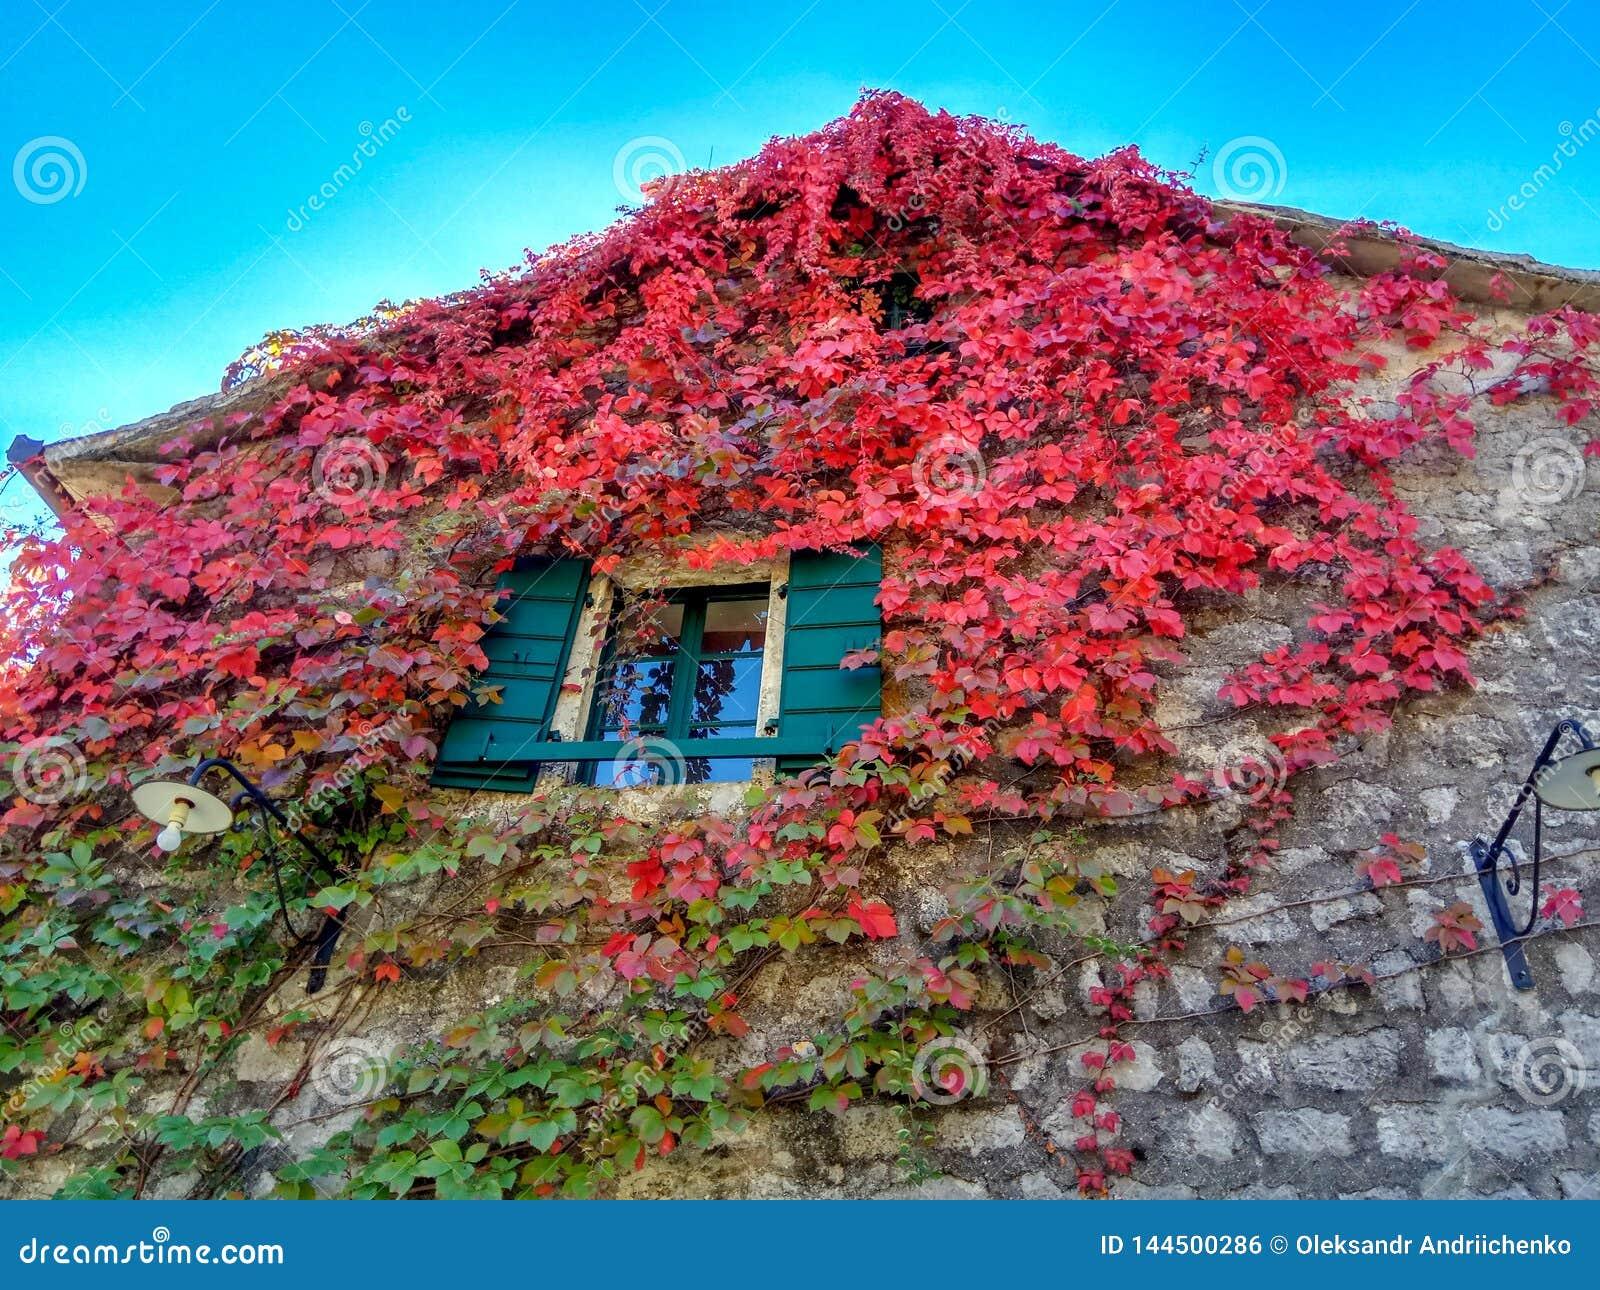 Klimplant met rode bladeren in de herfst op de oude steenmuur